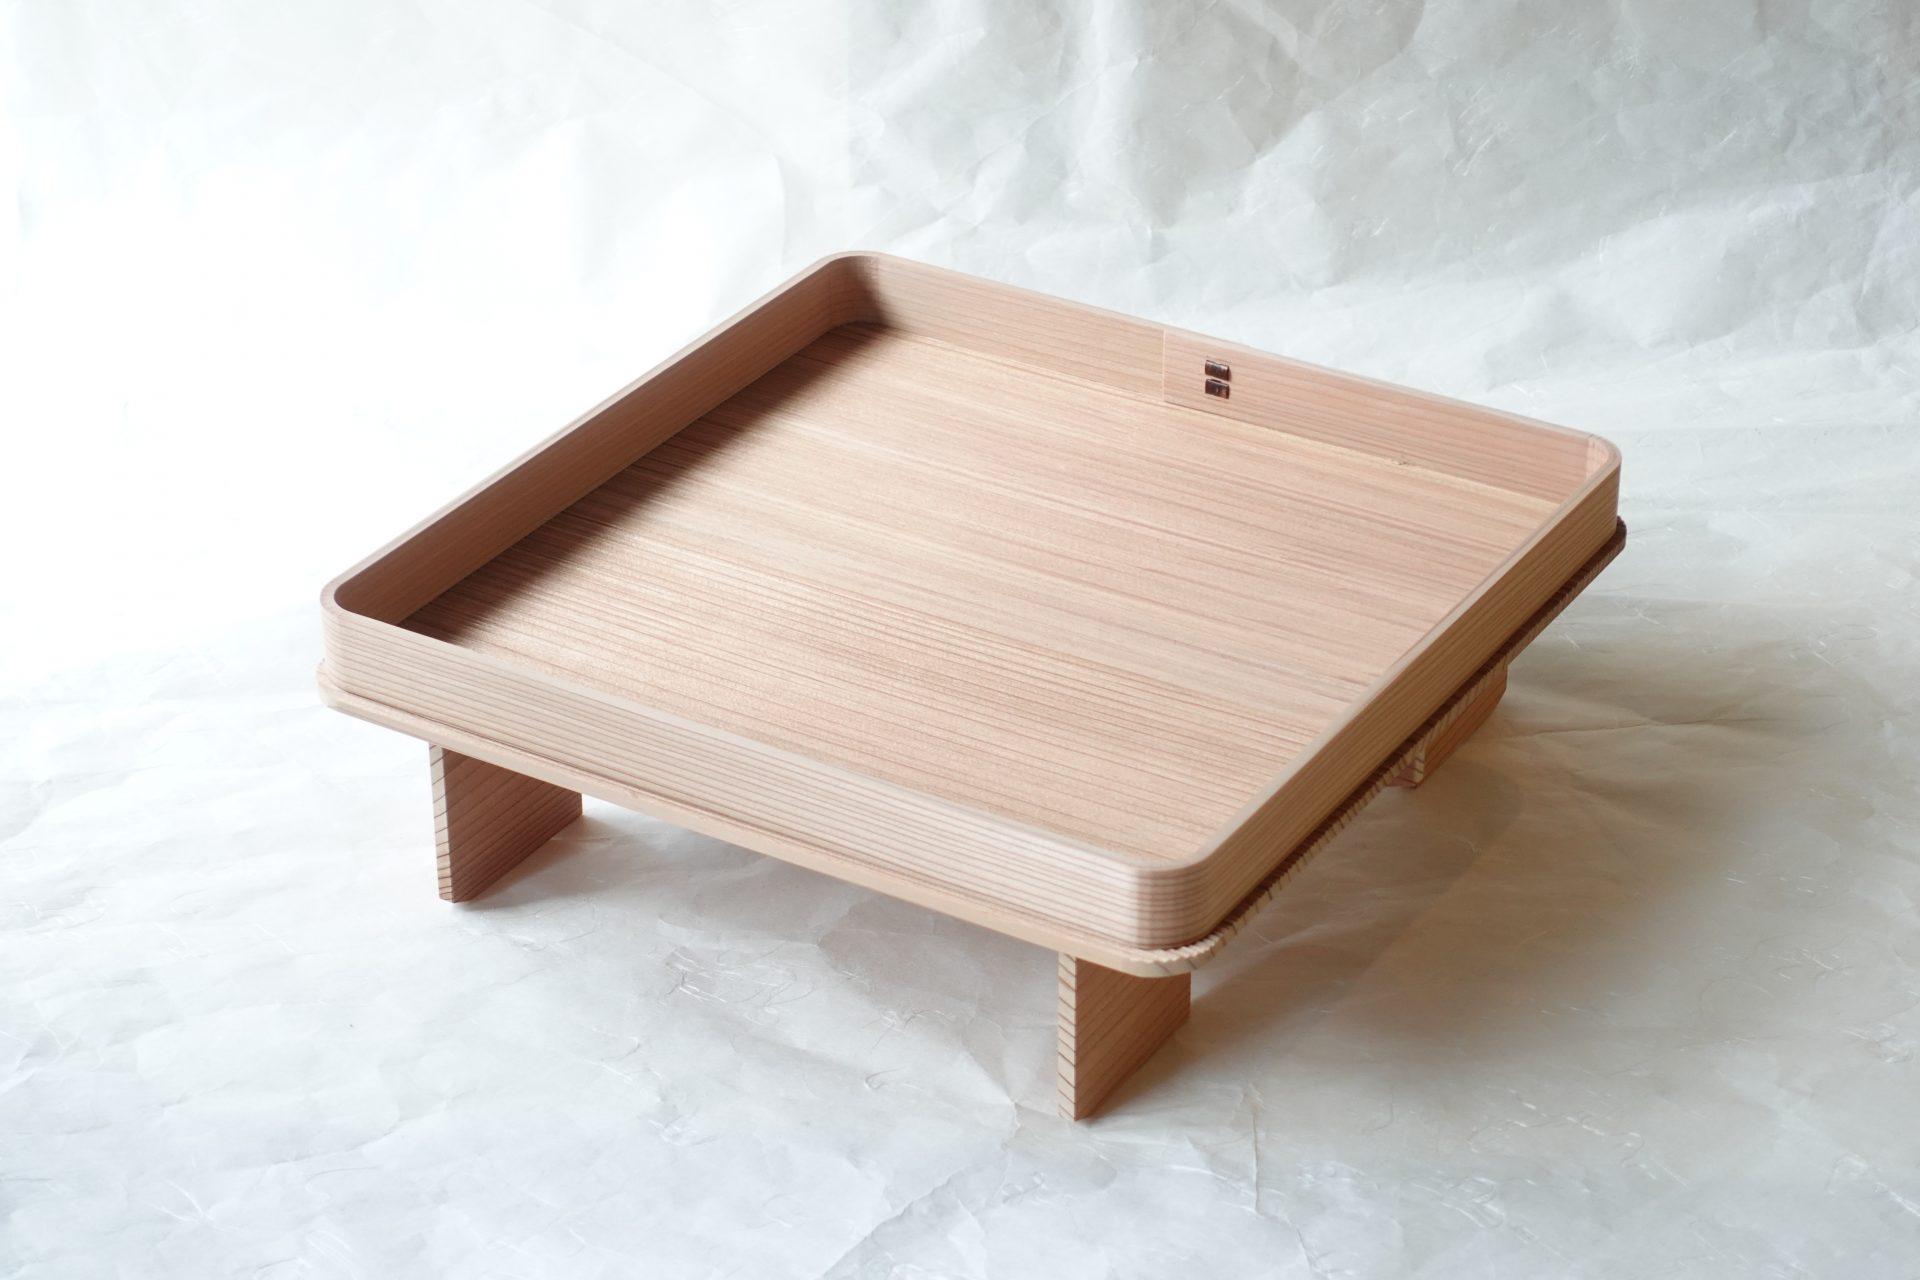 茶道具 茶の湯 茶道 日本製 国産杉 花台 利休形 花所望 花入 花を生ける 木地 足付き台 床の間 柾目 高品質